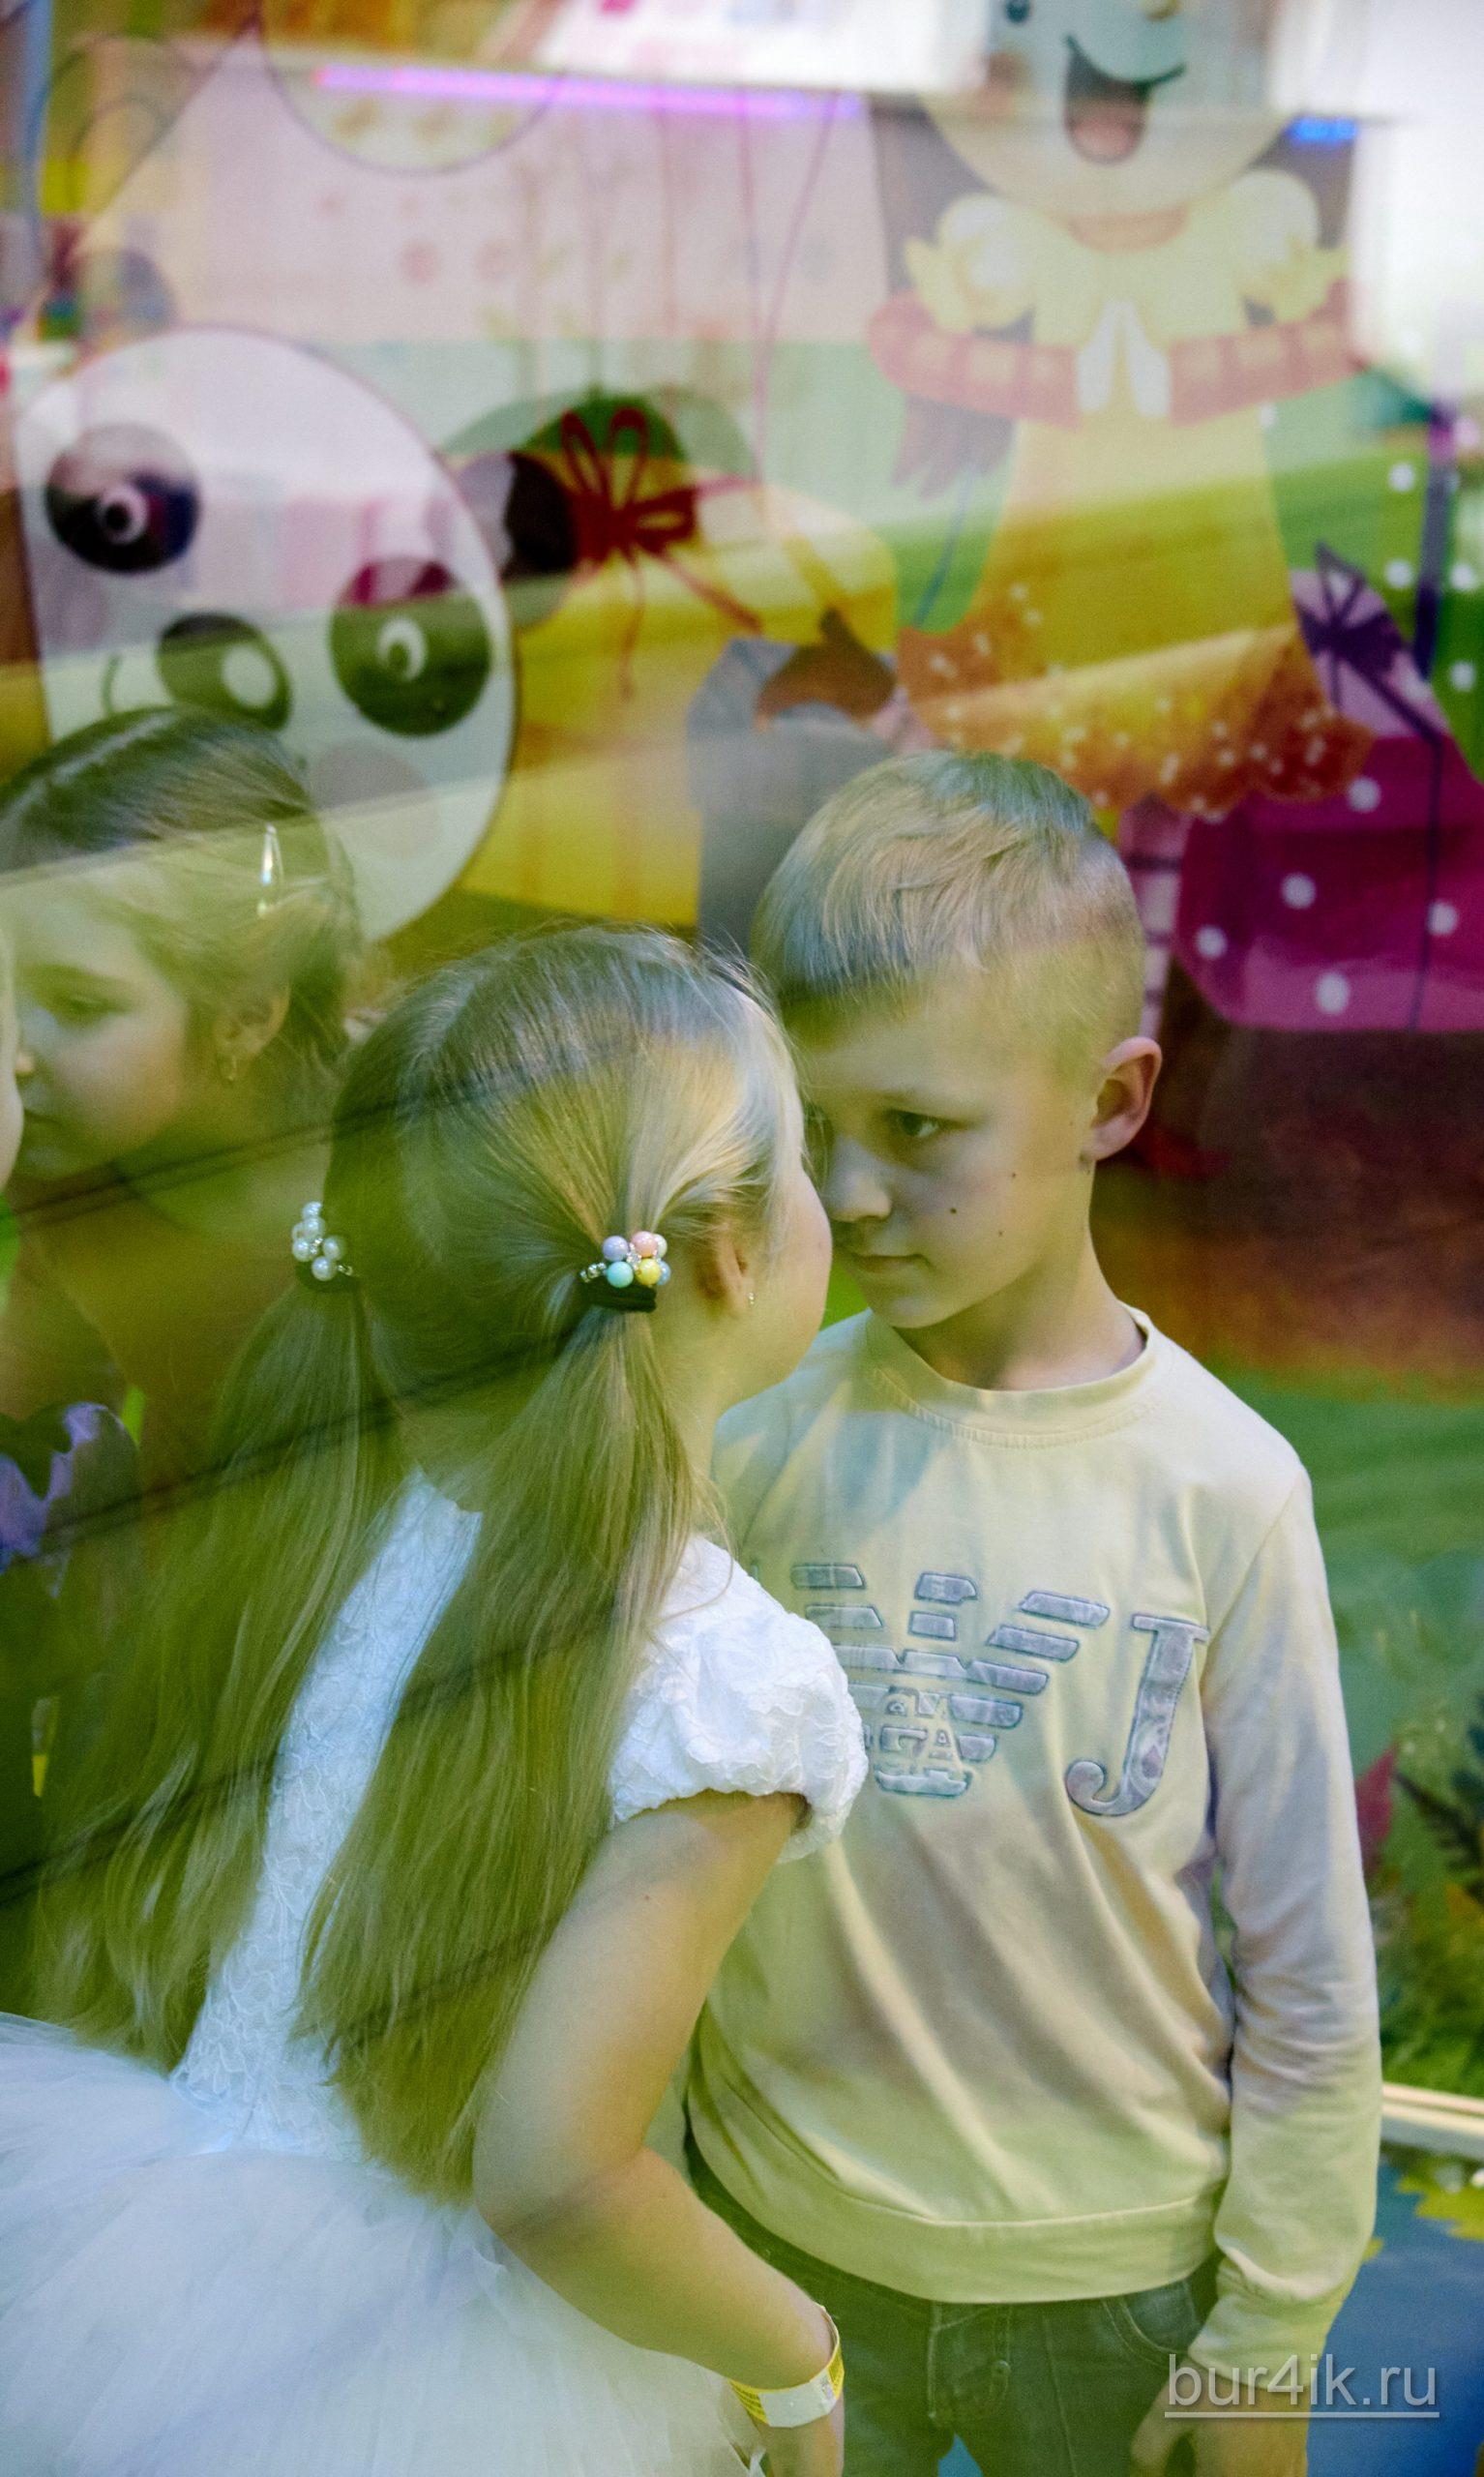 Фото Детское День Рождения в Детский Дворик 15.01.2020 №207 -photo- bur4ik.ru